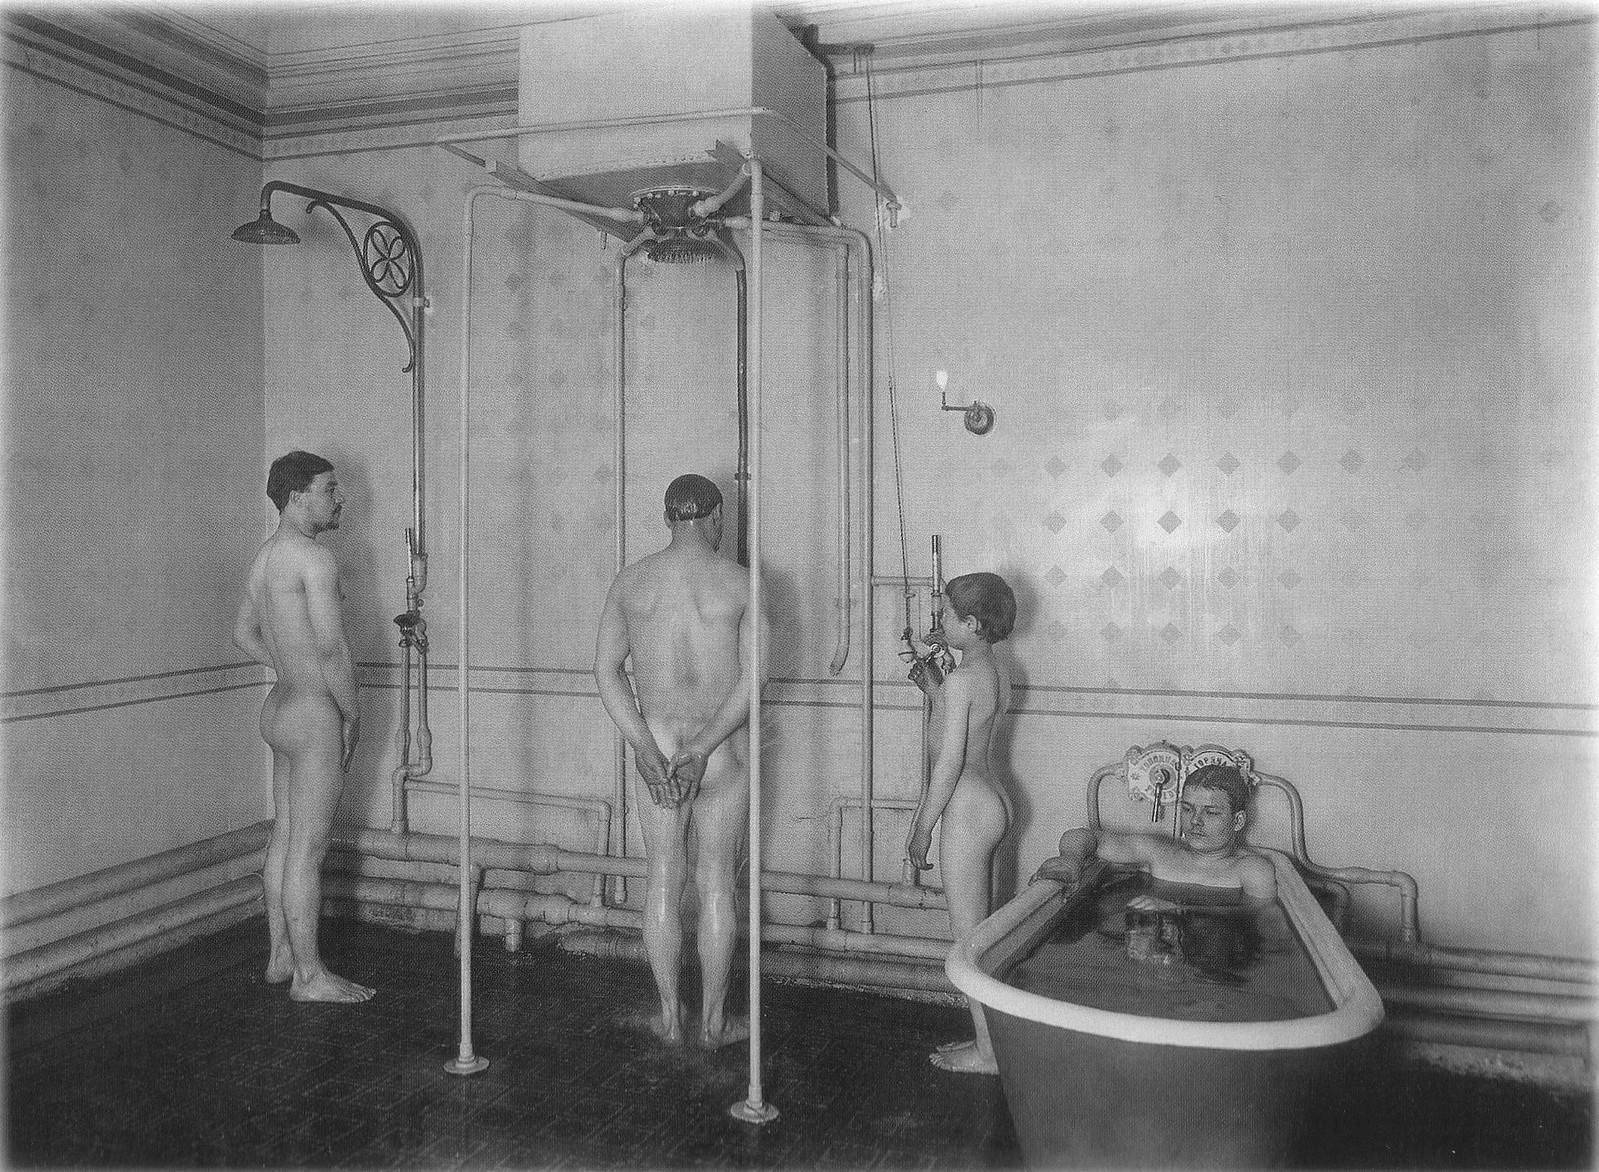 1914. Бани братьев Егоровых. Ванная и душевые установки